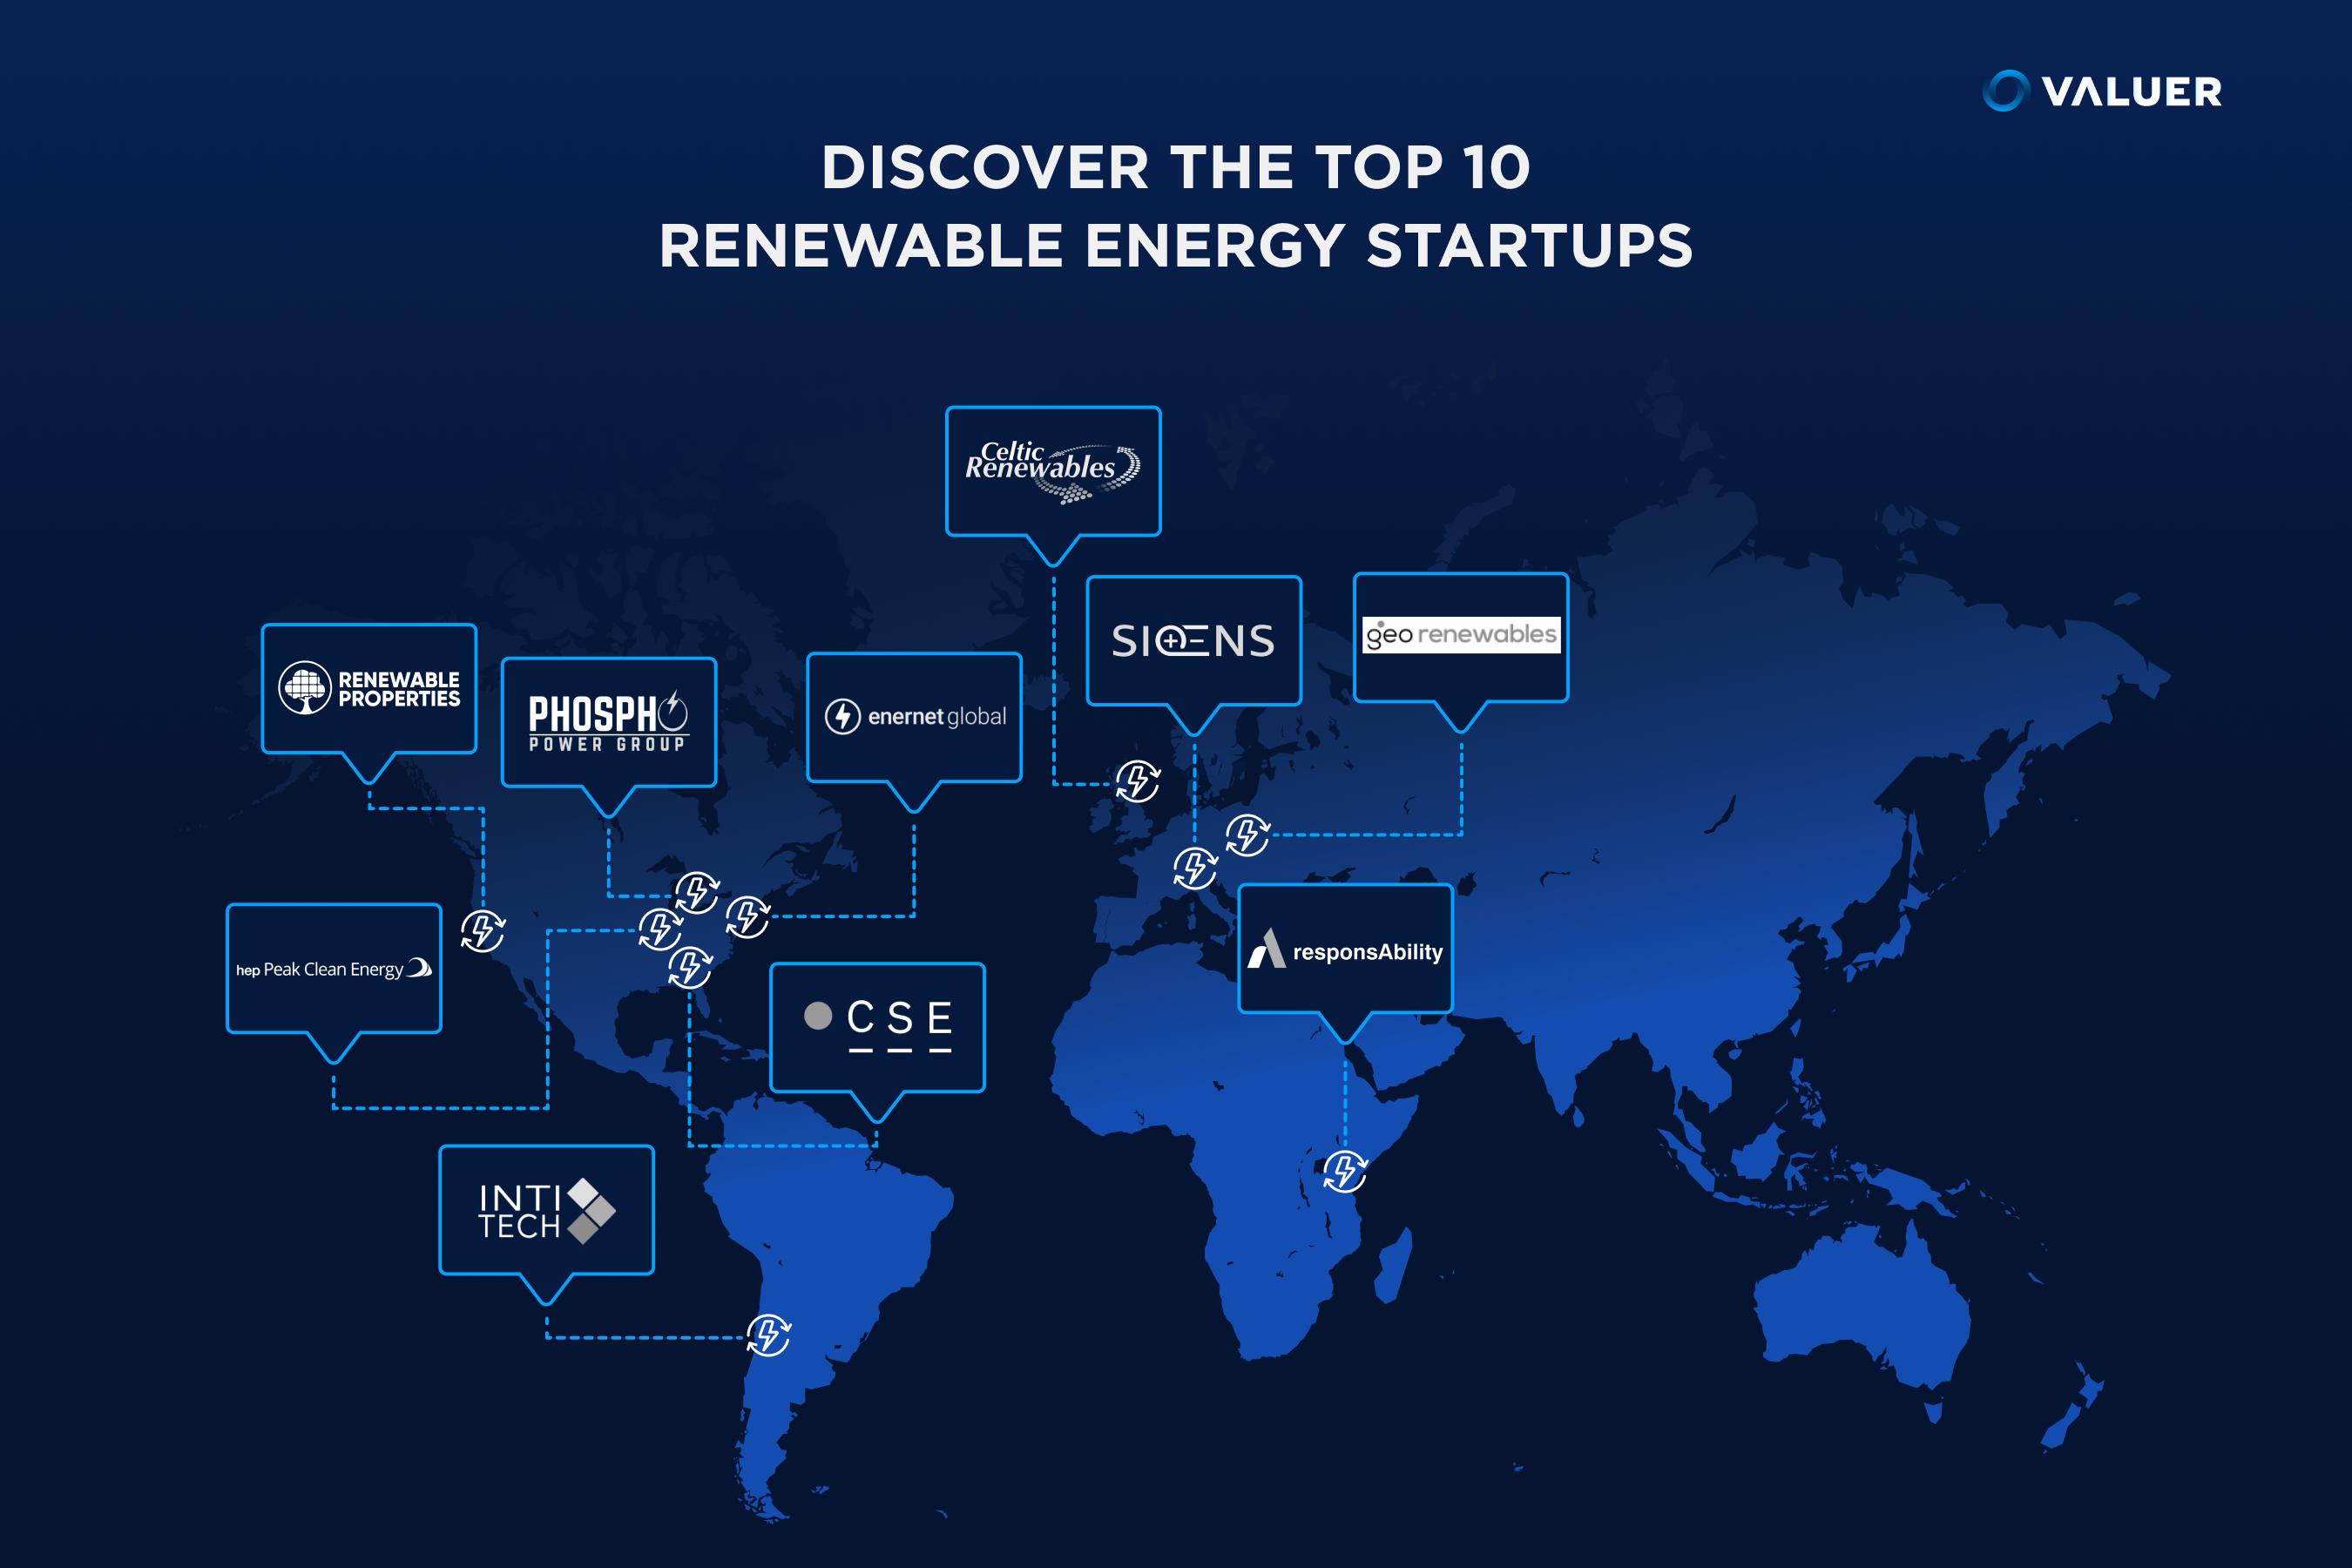 Map Image of renewable energy startups